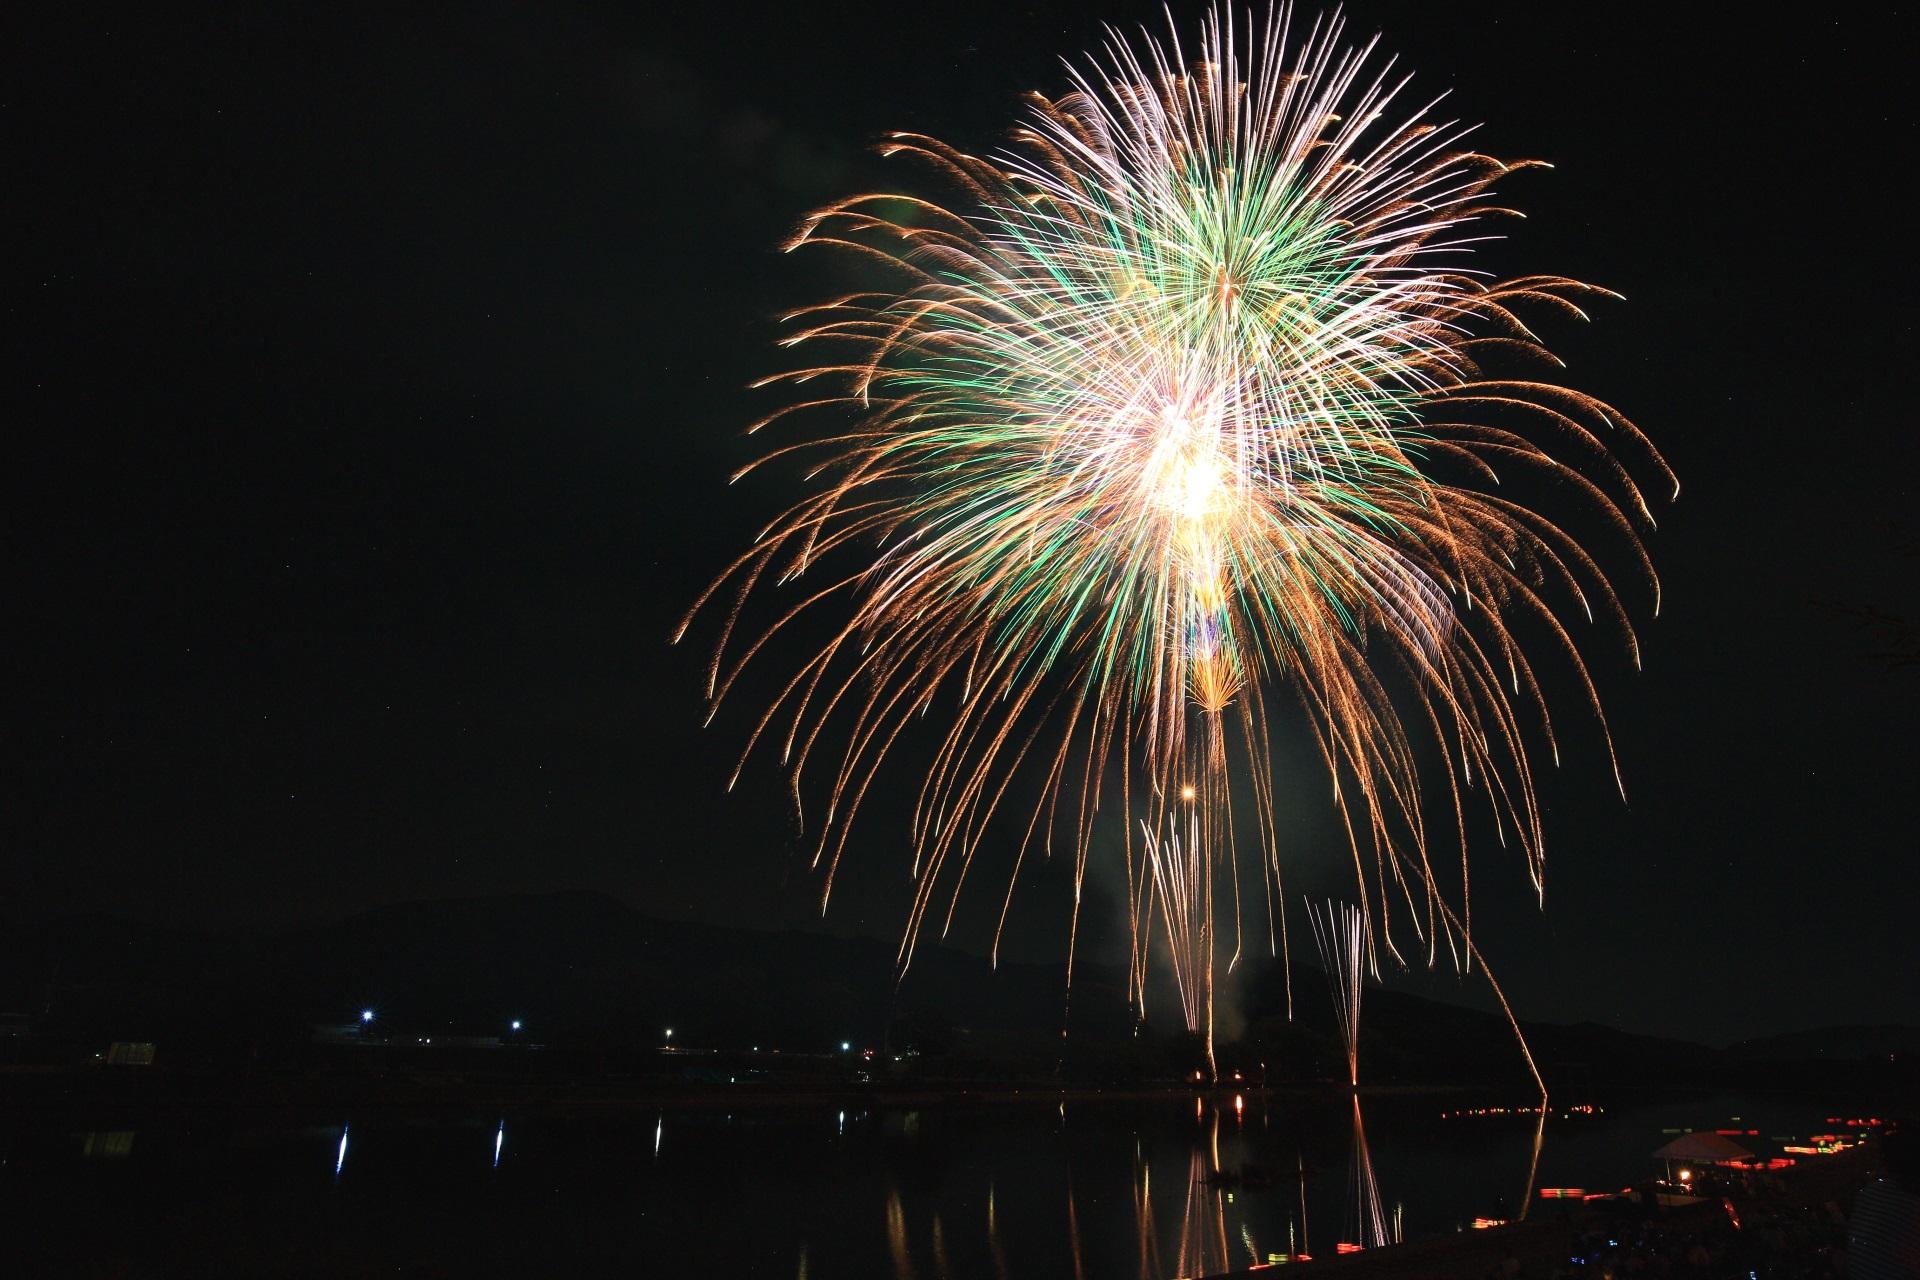 大堰川に枝垂れて行く南丹市の大きな金色の花火